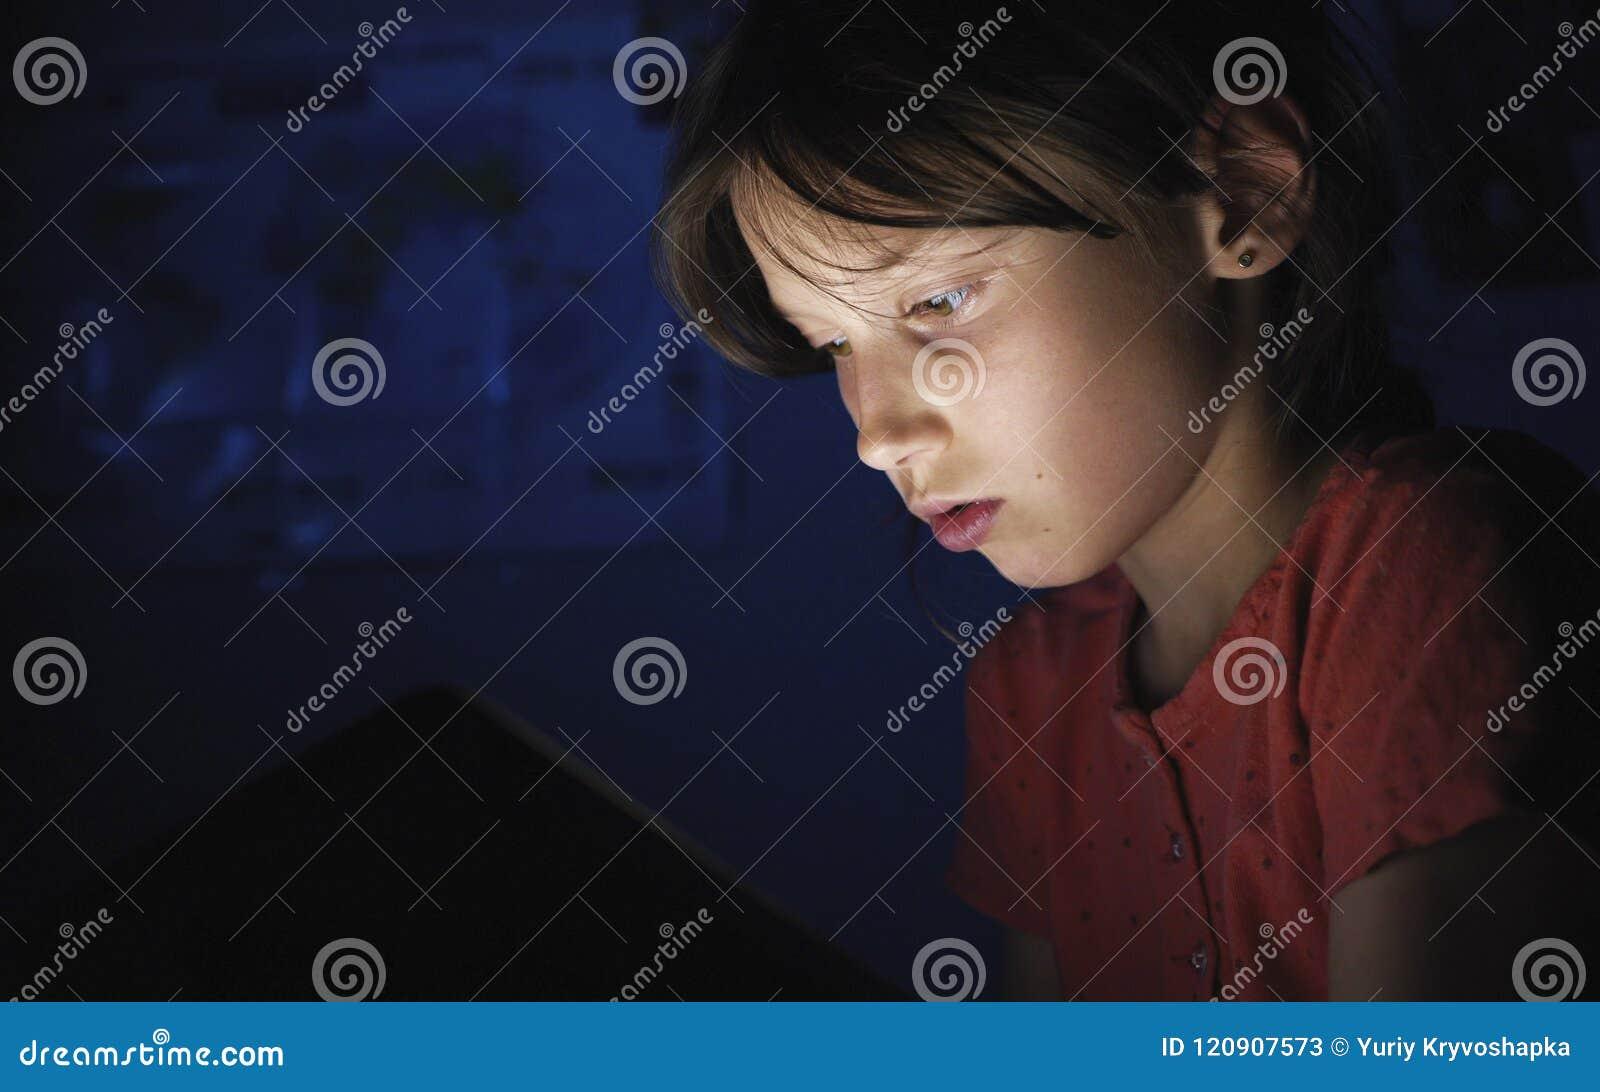 Dolly geschoten Kaukasisch meisje in bed het spelen tablet in Internet in donkerblauw licht onder blacket